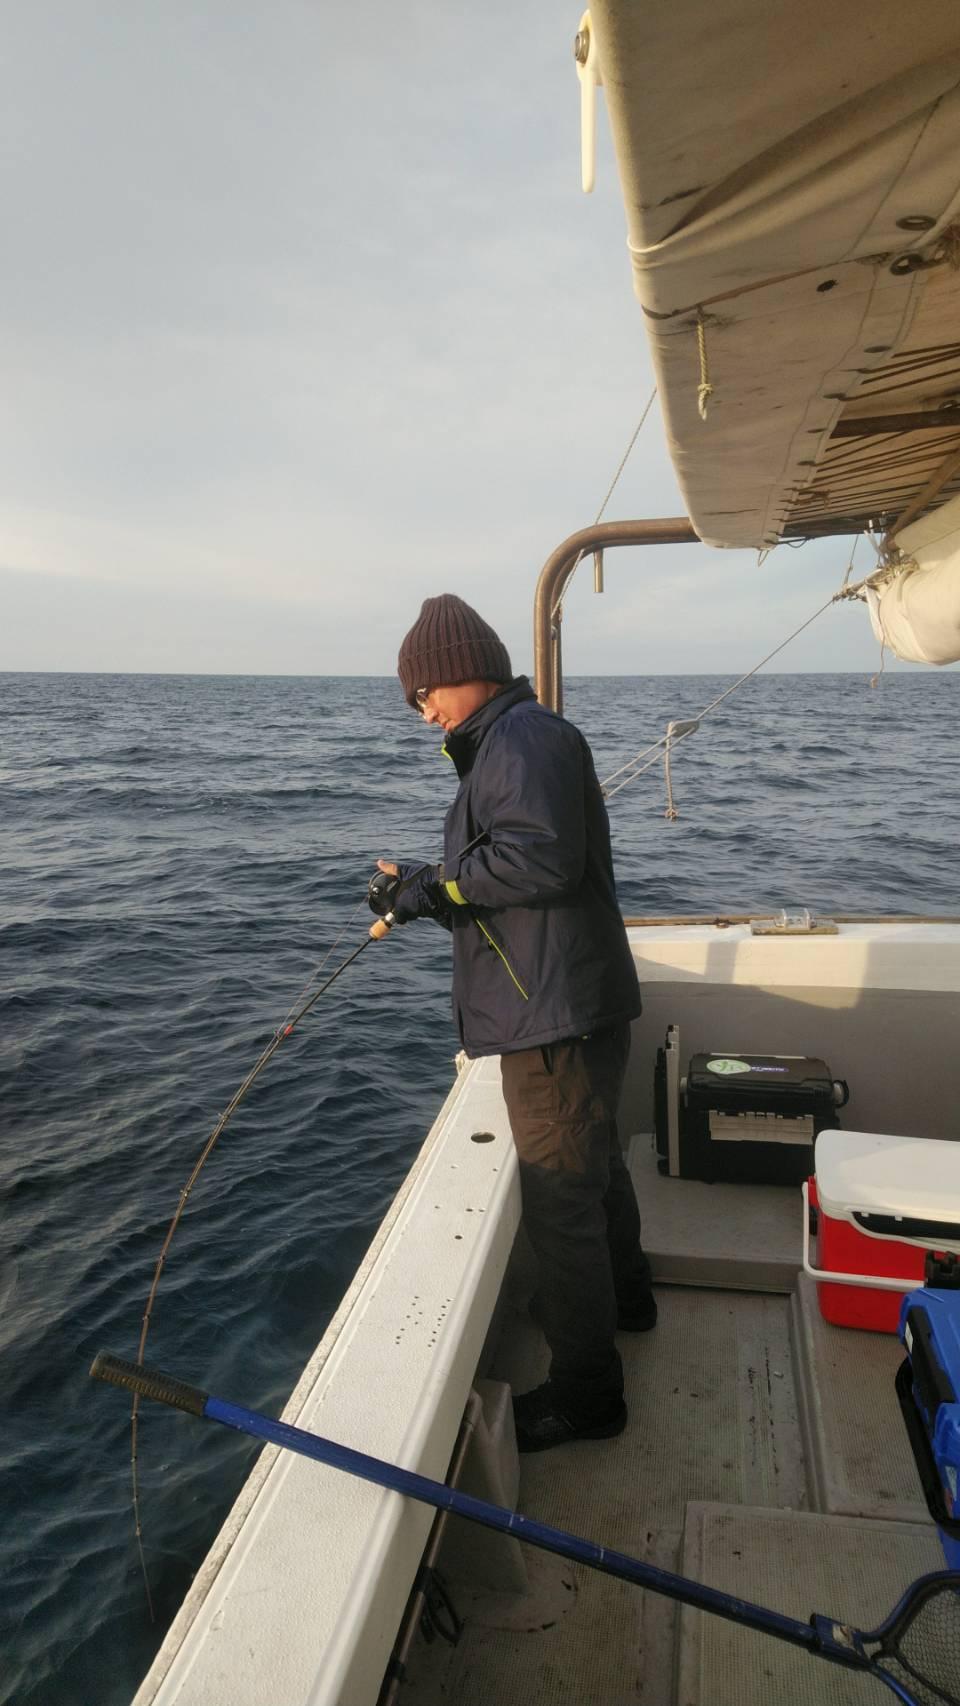 ジギング・タイラバ出船!青物からいつもの魚まで〇